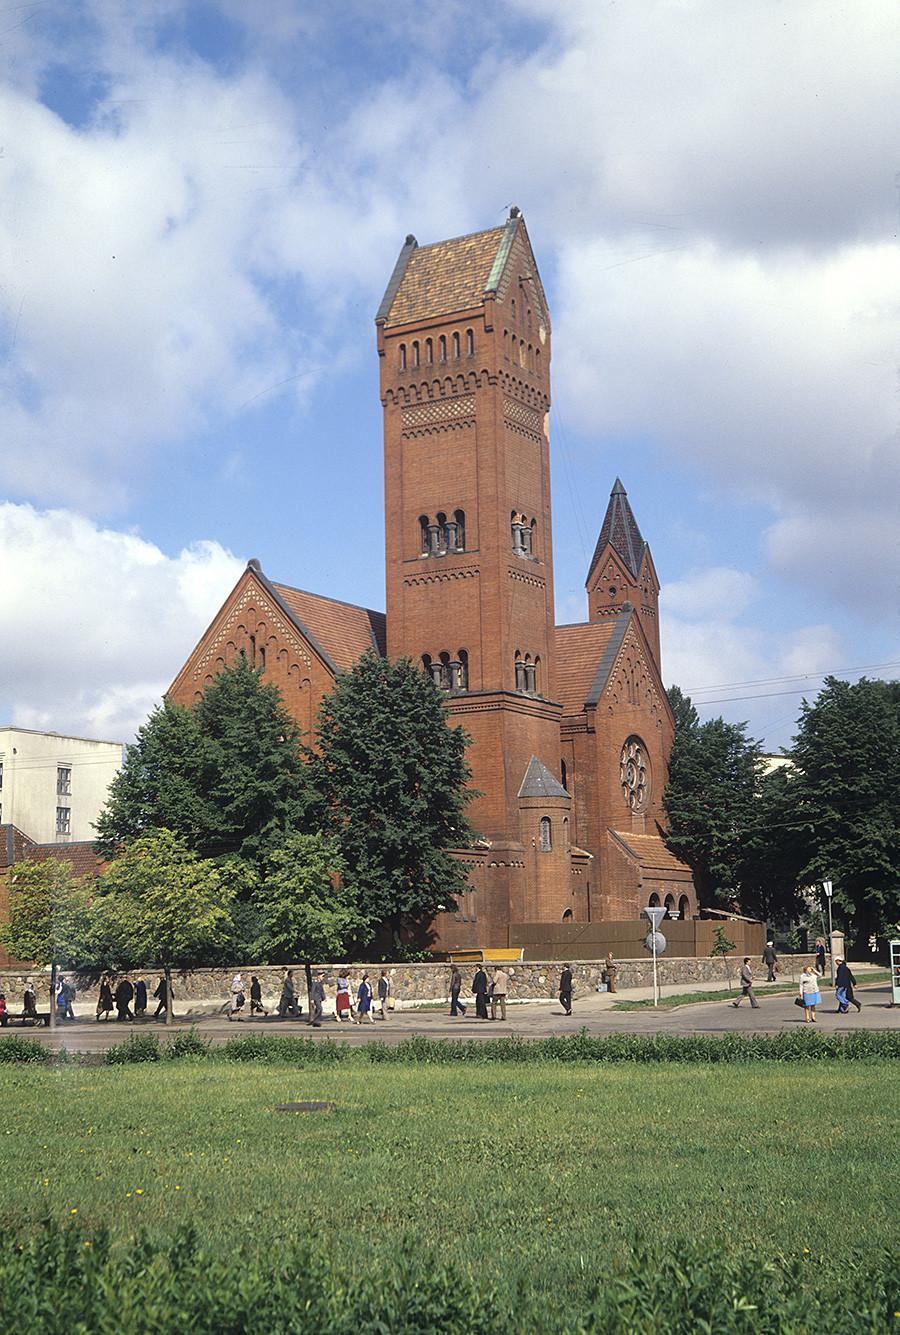 Die Rote Kirche (Kirche des heiligen Simon und der heiligen Helena) in Minsk wurde 1905 erbaut. Zu Sowjetzeiten wurde sie als Filmstudio genutzt, später als Kino und Museum. Nach dem Fall der UdSSR wurde sie wieder eine Kirche. Foto von 1983